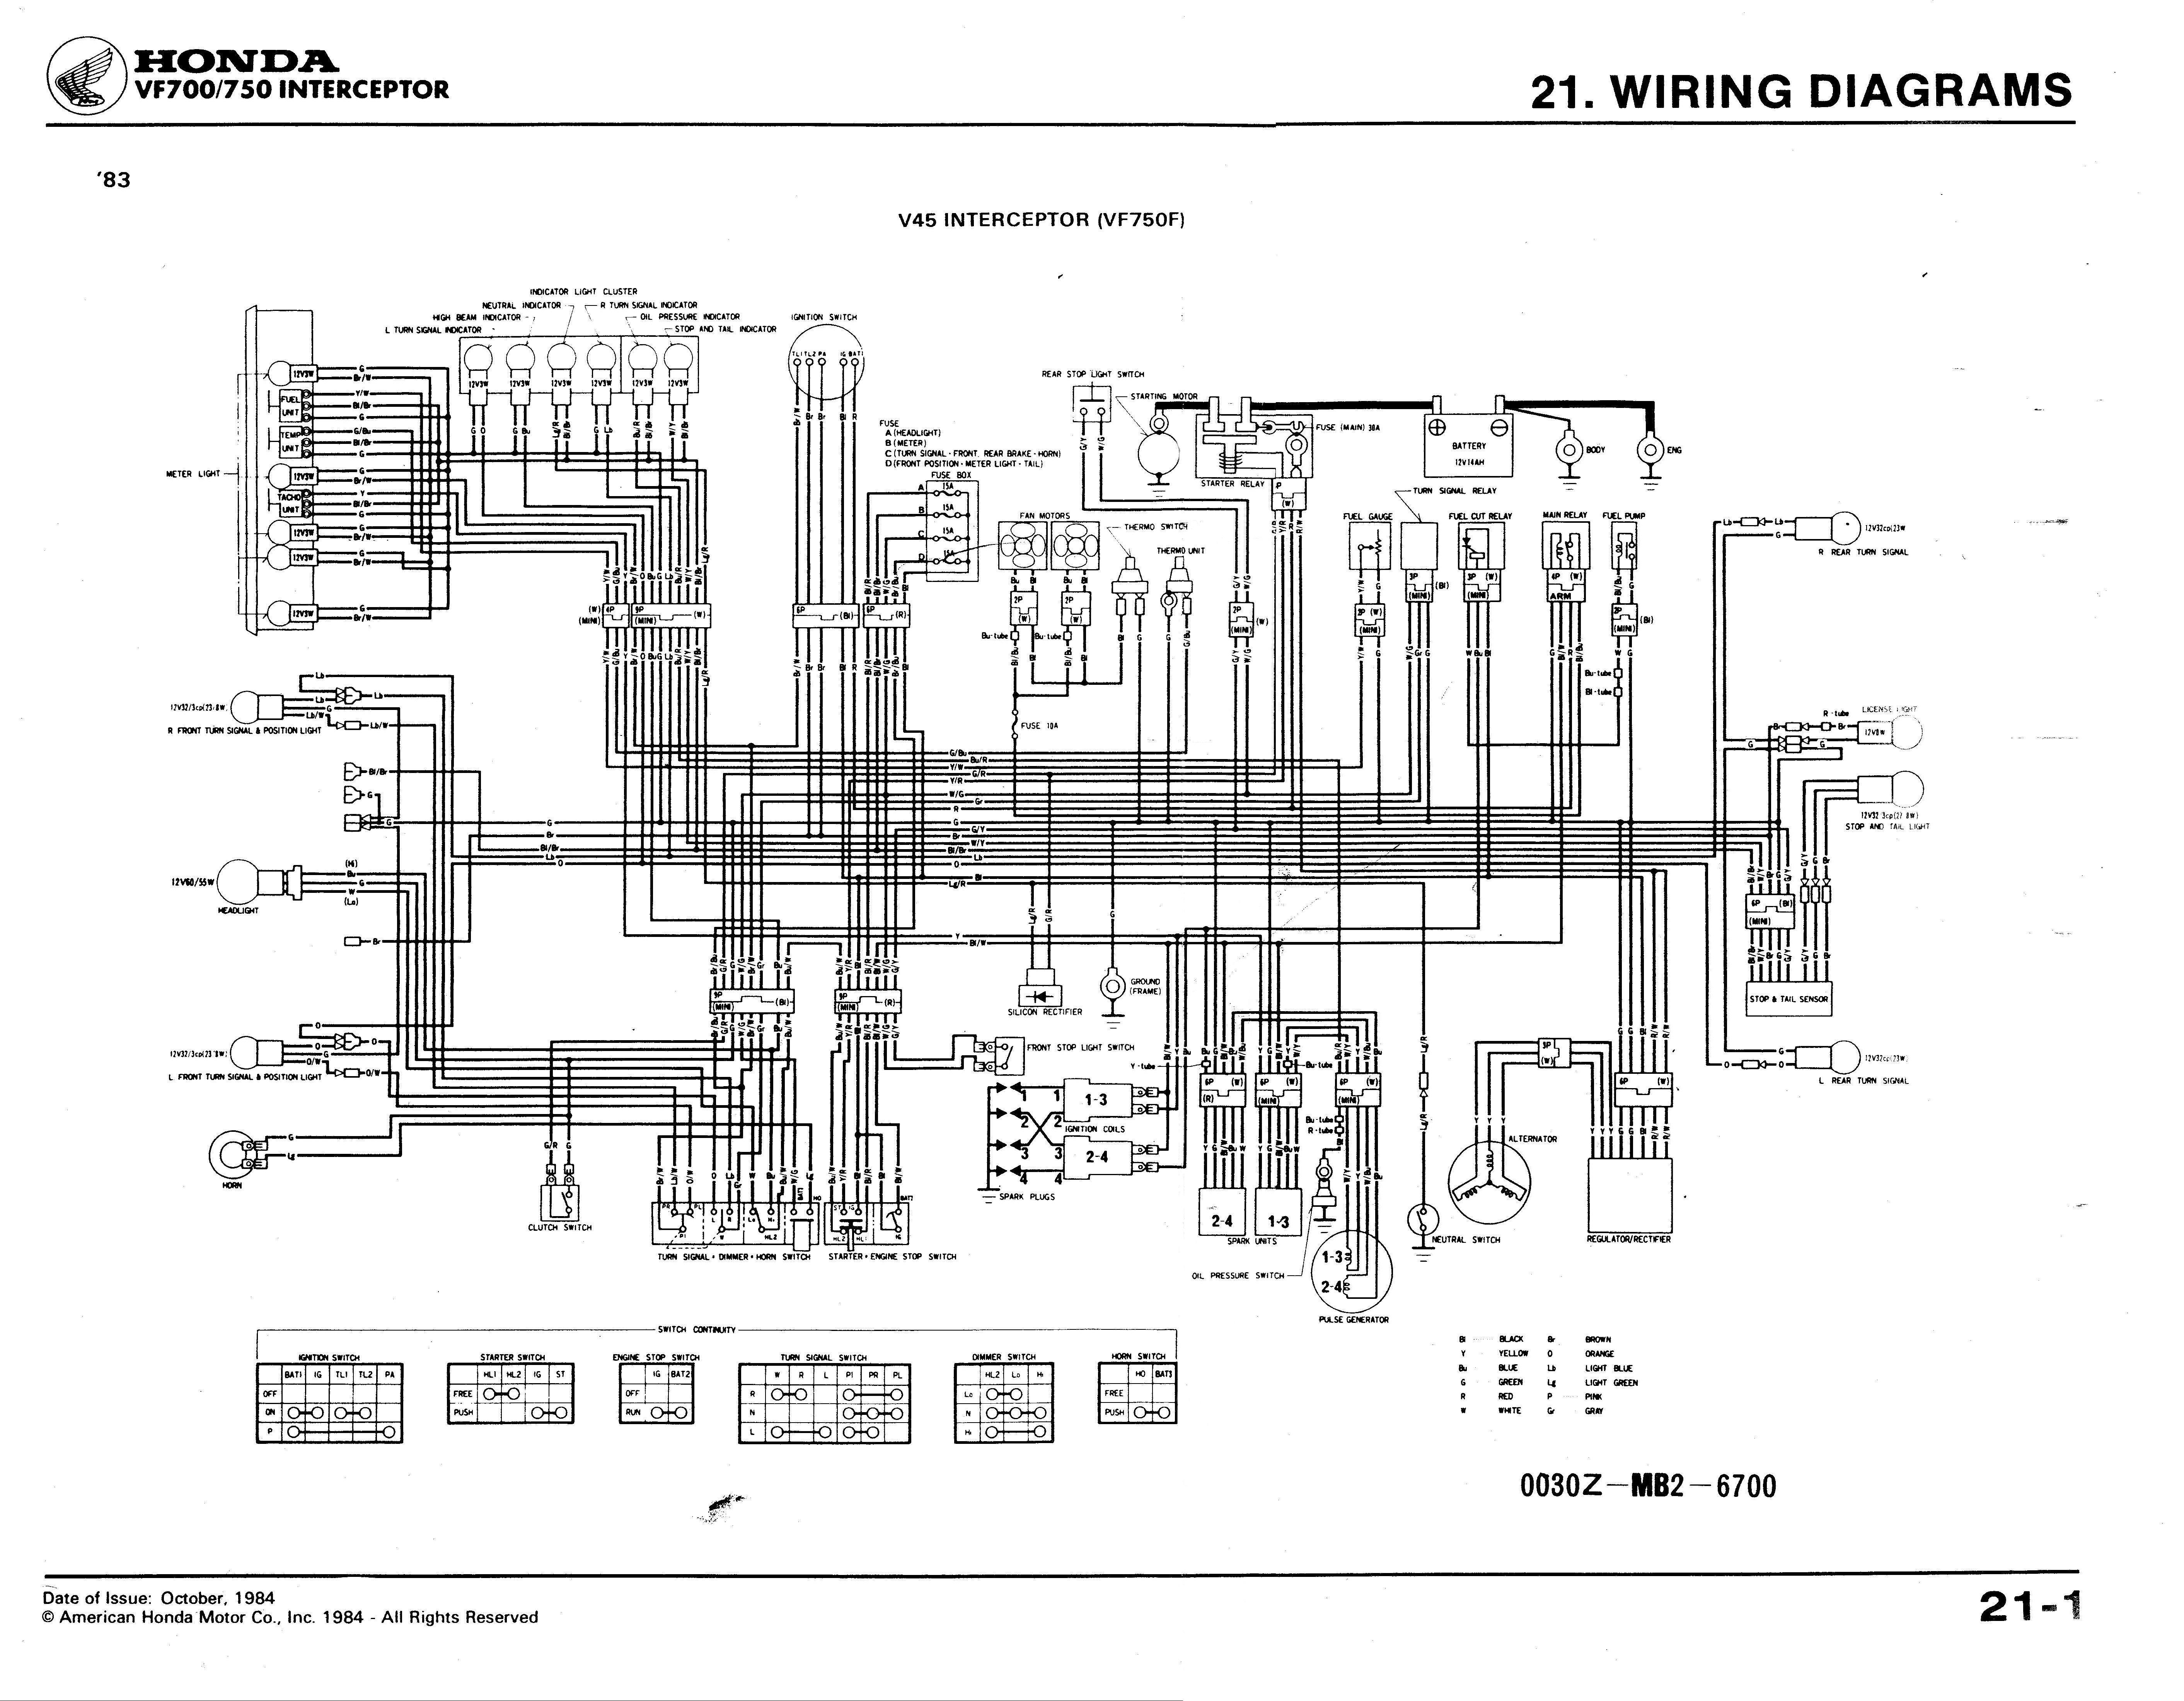 1983 yamaha virago xv500 wiring diagram iron carbon phase wiki 750 37